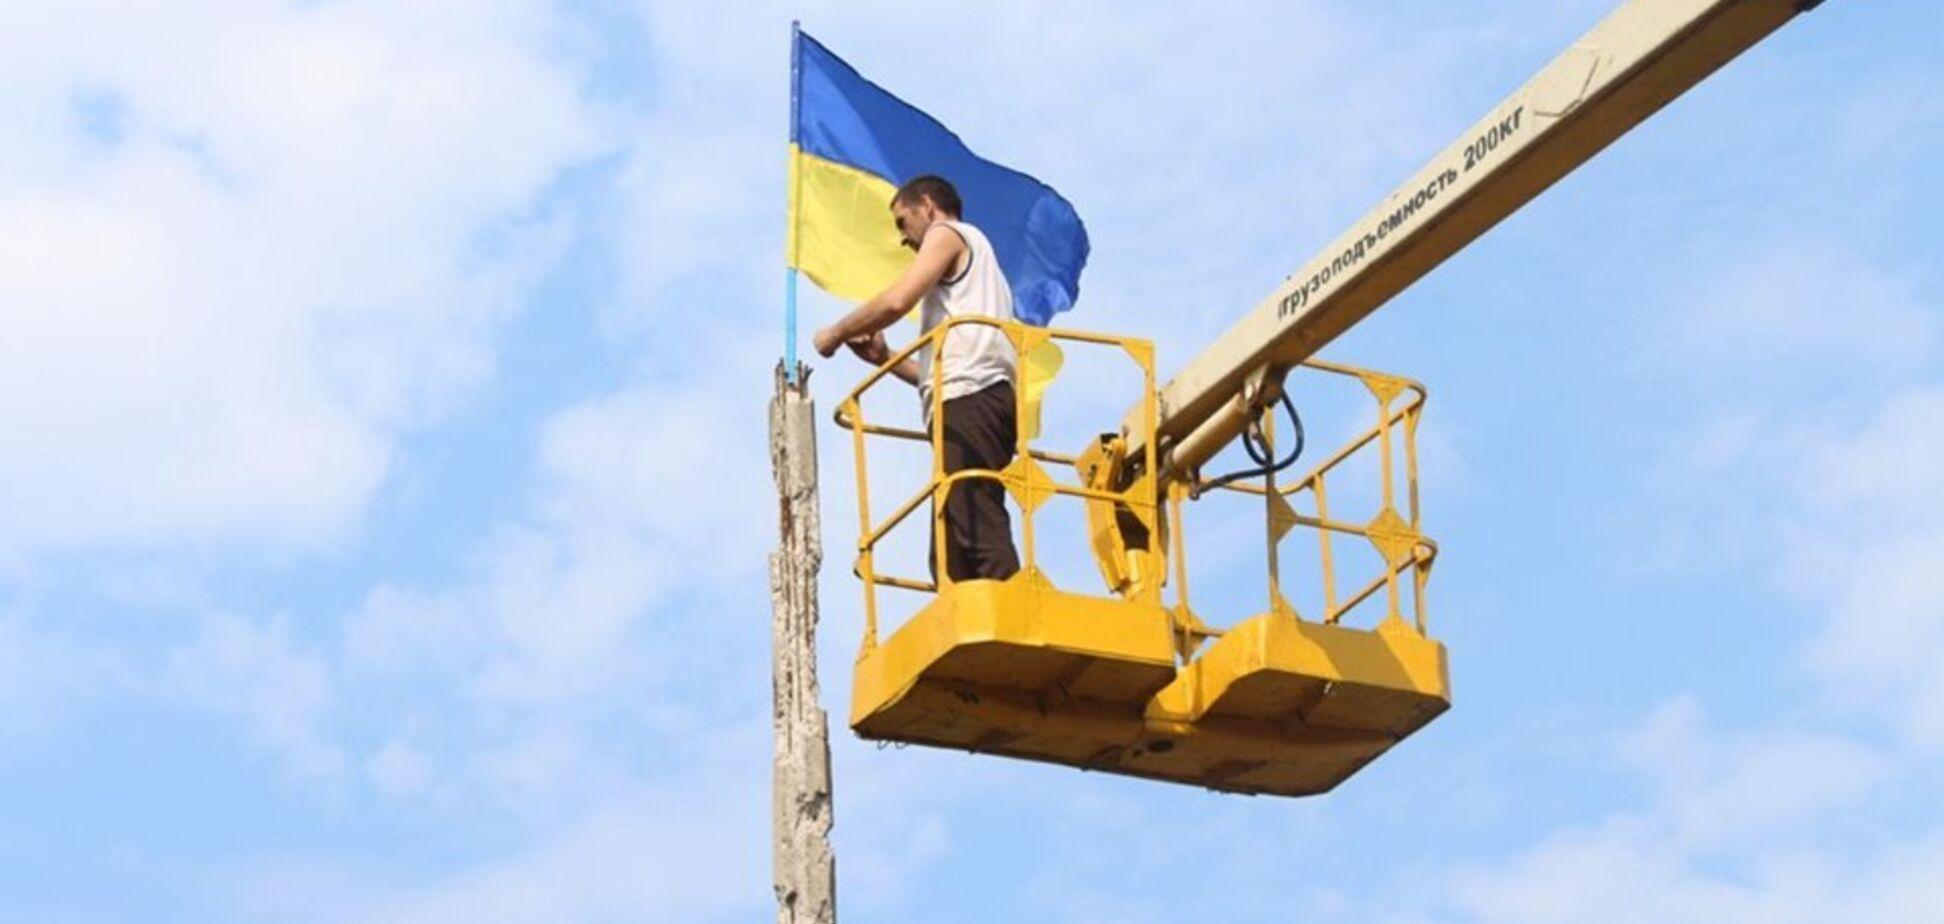 Україна завершила демонтаж у Станиці Луганській: в мережі опублікували фото